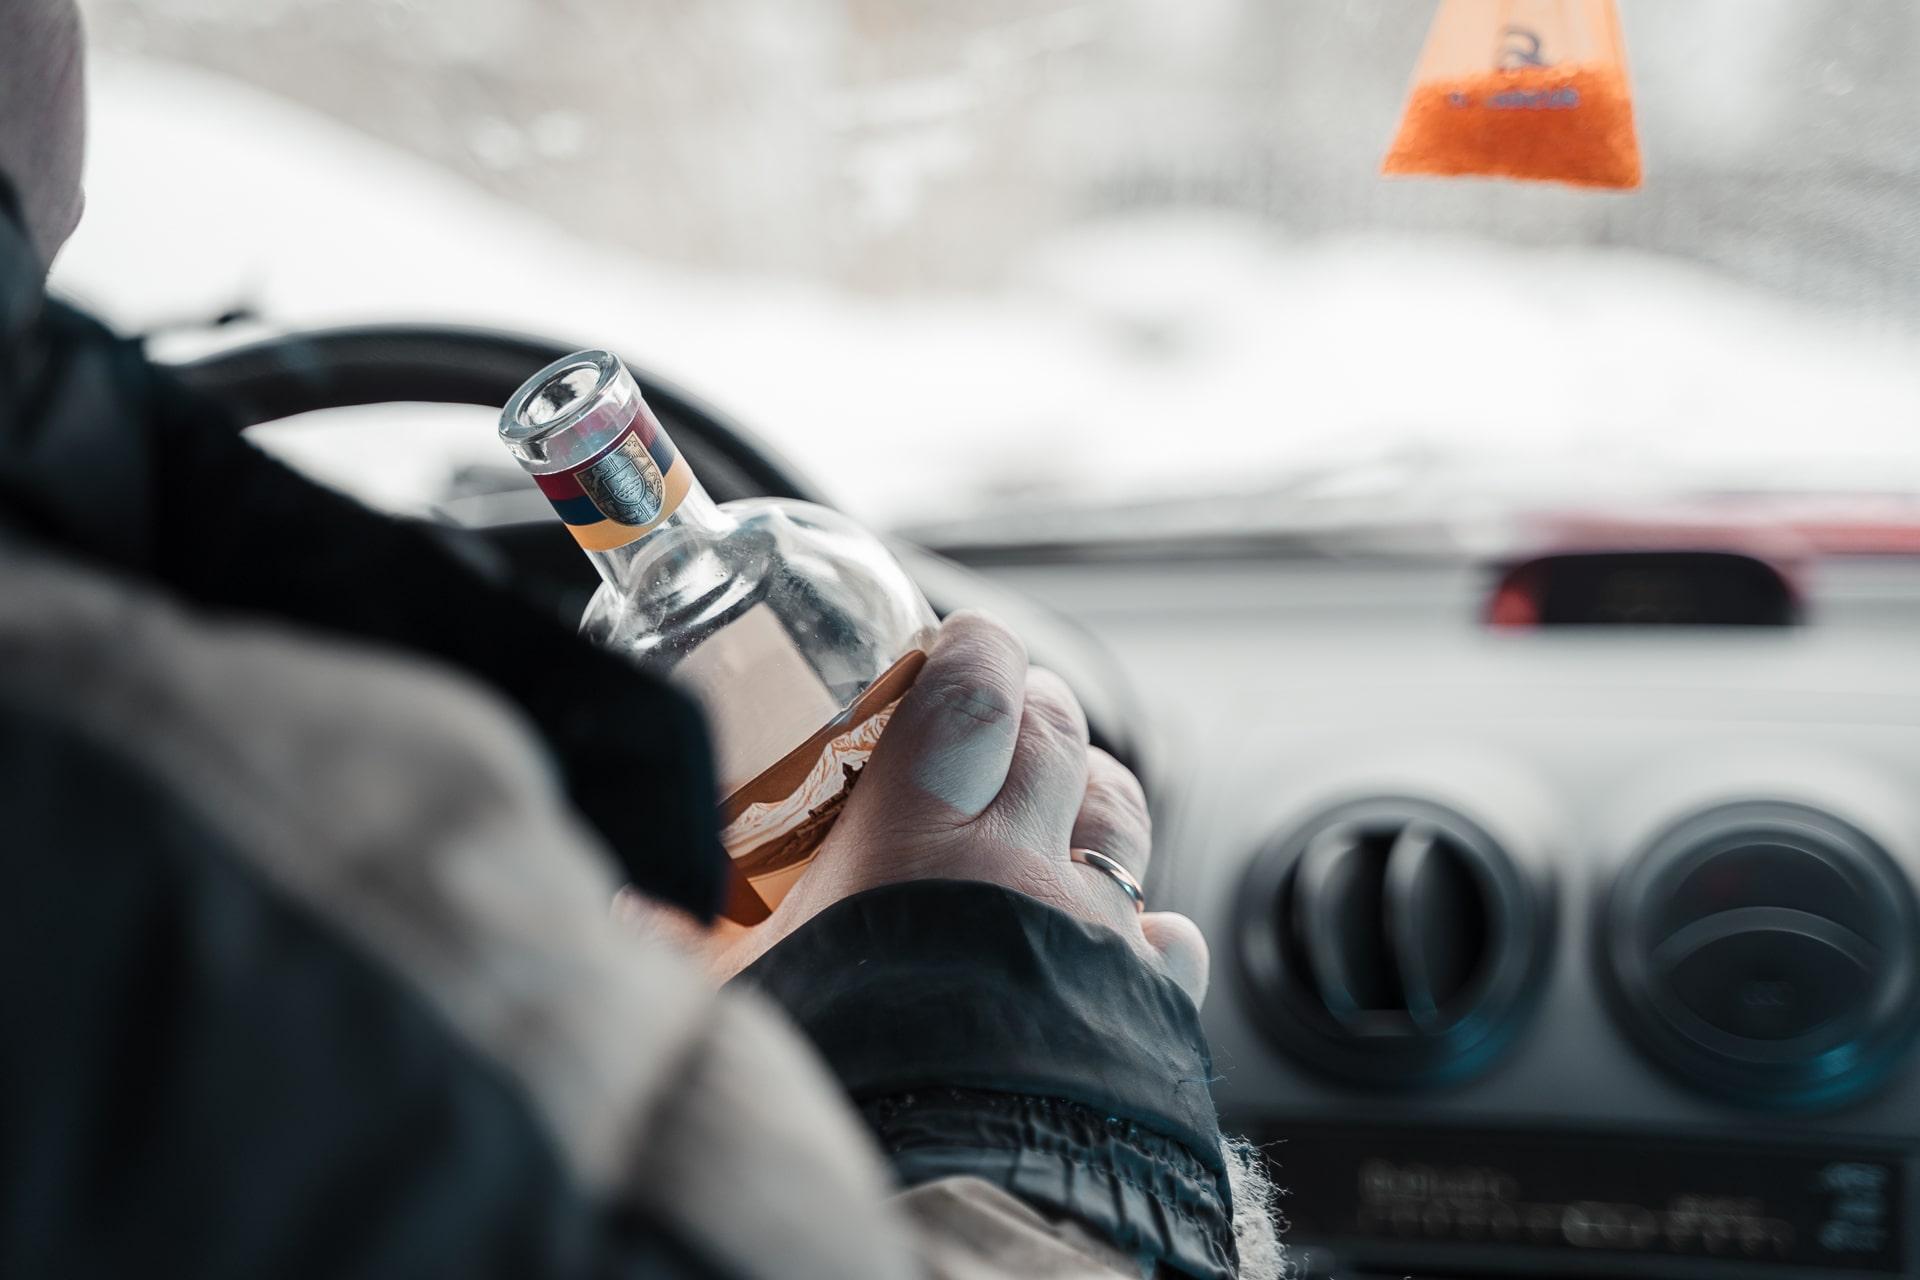 В Тверской области поездка в магазин закончилась для пьяного угонщика в больнице